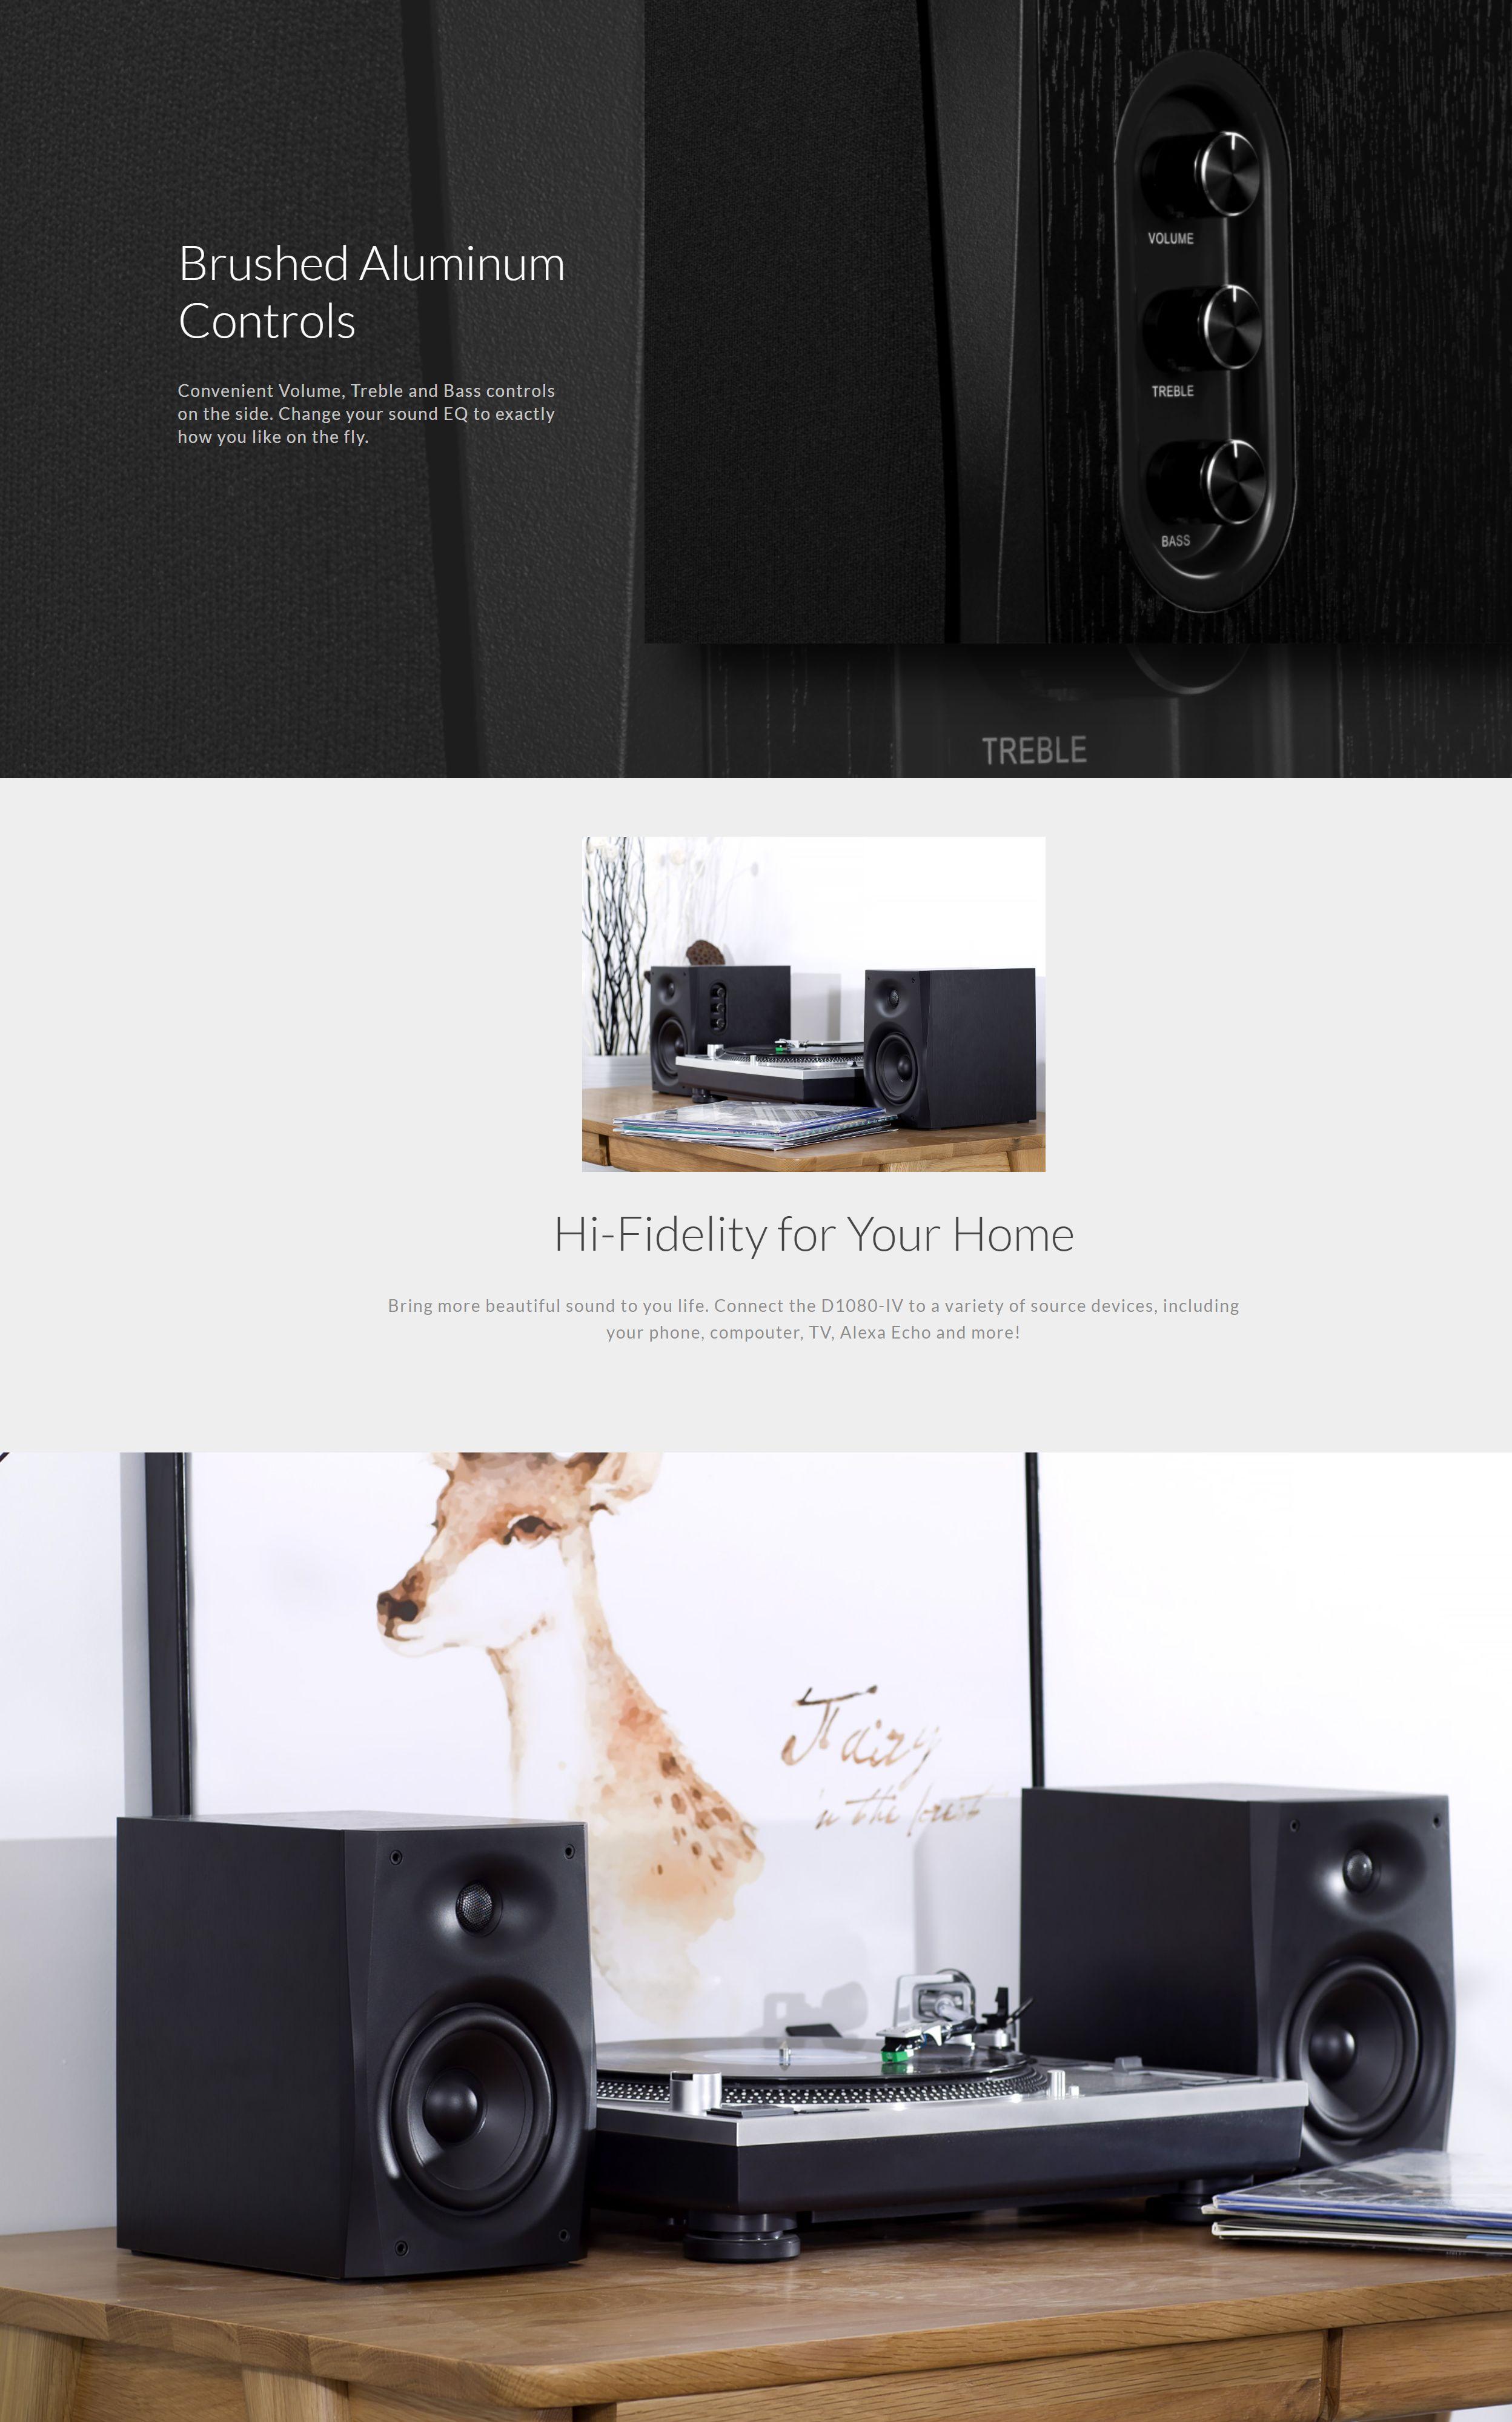 #1577 - 'D1080-IVB 2_0 Channel Active Speakers - Swans Speakers' - swanspeakers_com.jpg